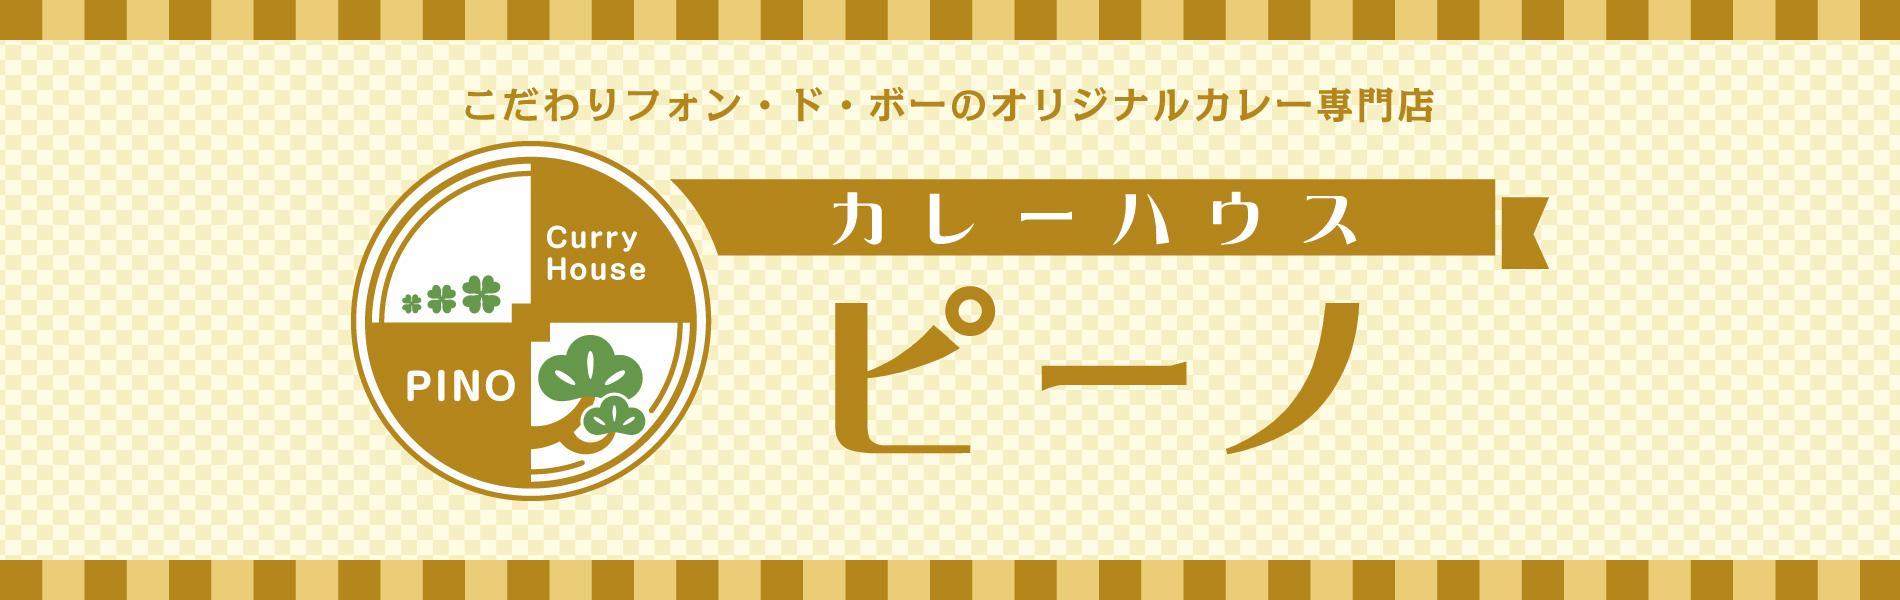 カレーハウス『ピーノ』こだわりフォン・ド・ボーのオリジナルカレー専門店